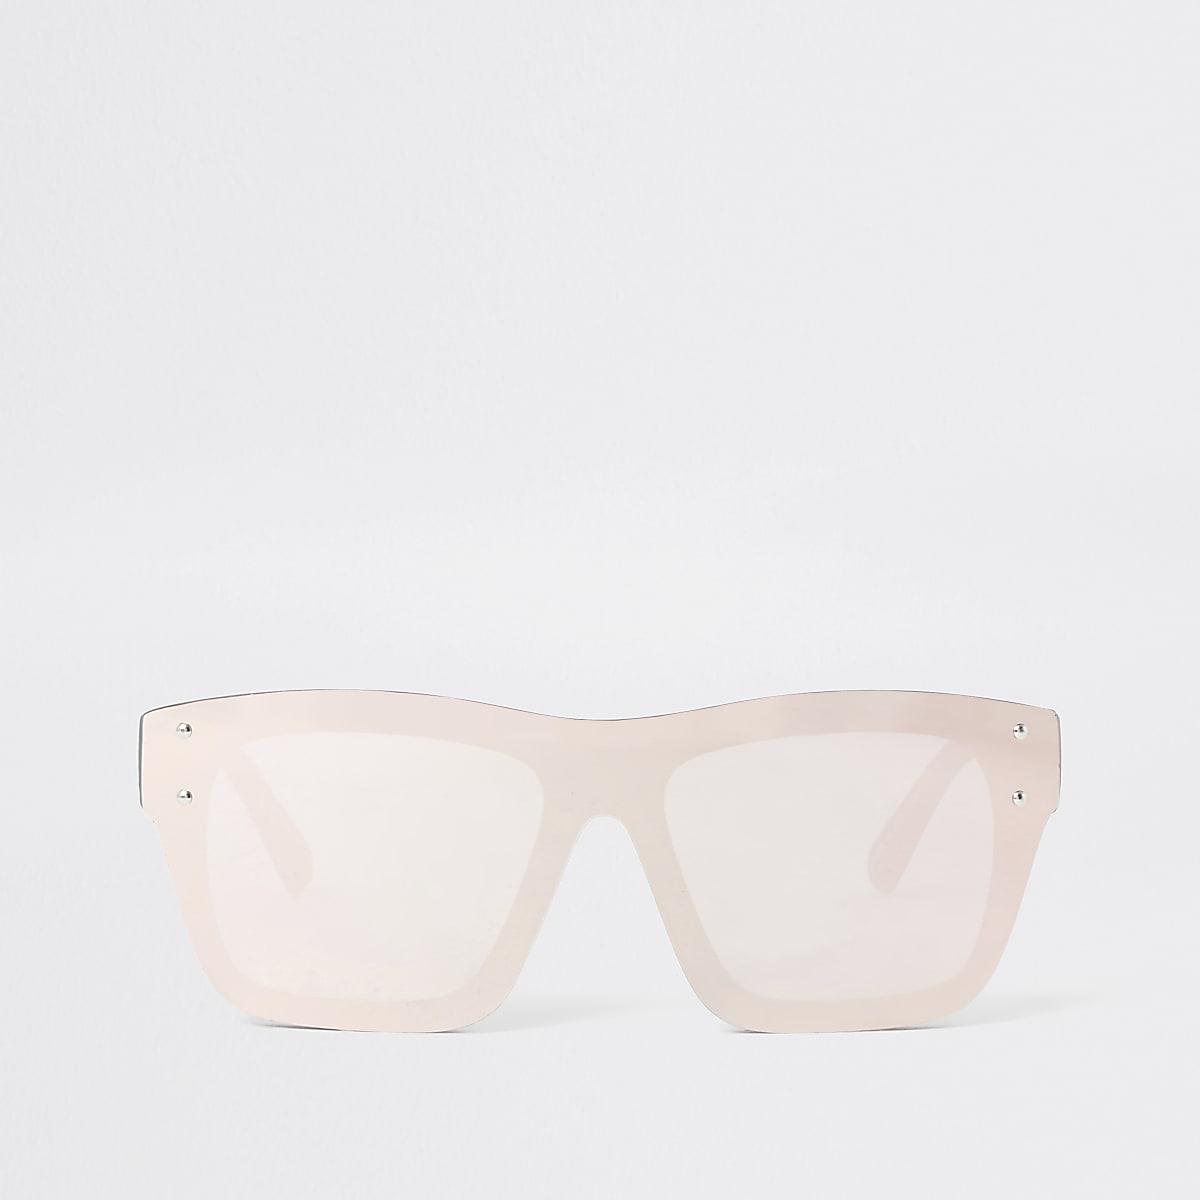 Brown print visor flat top sunglasses